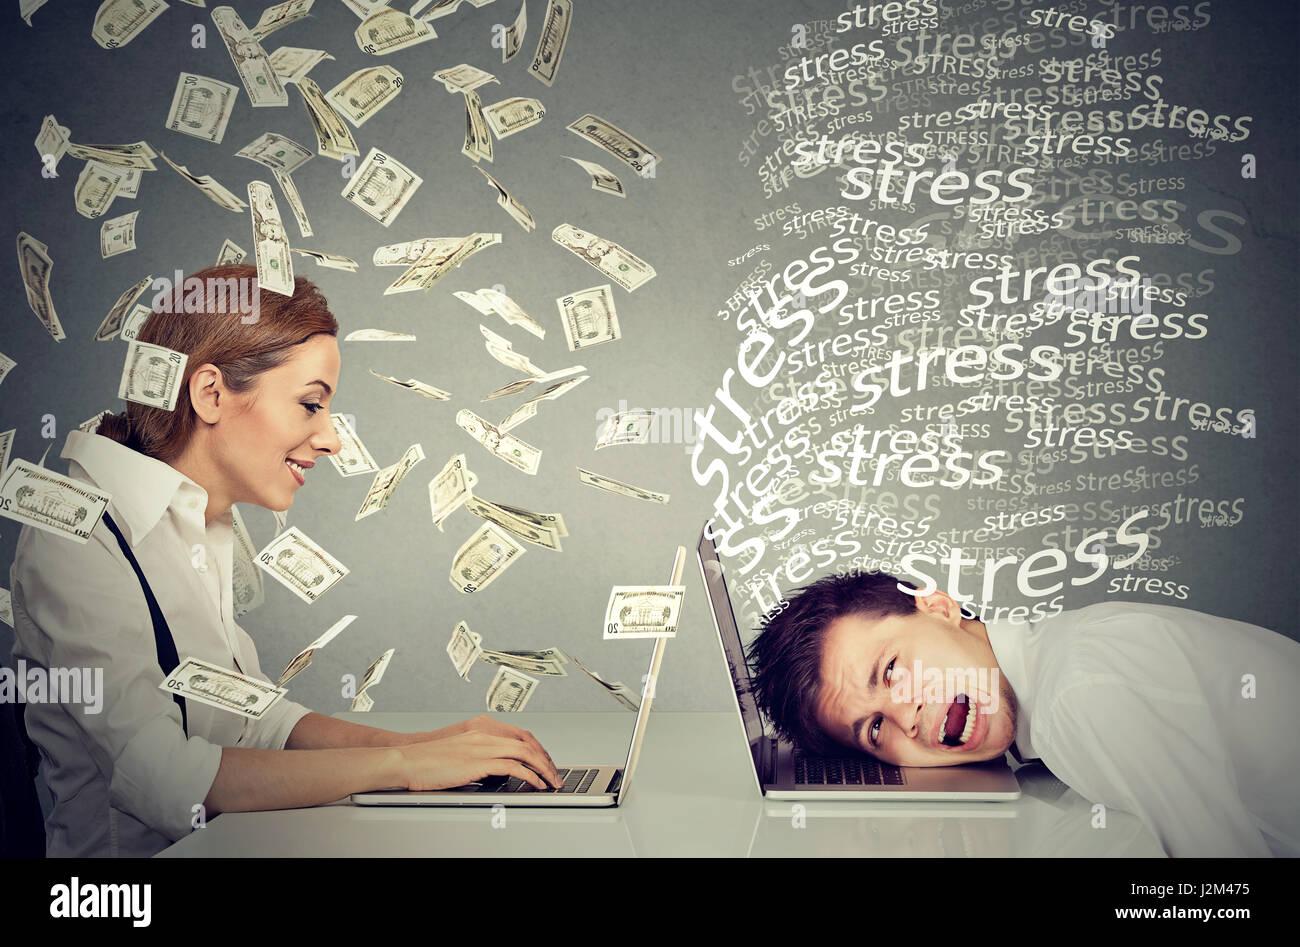 La rémunération des salariés de l'économie. Femme avec succès sous la pluie en espèces Photo Stock